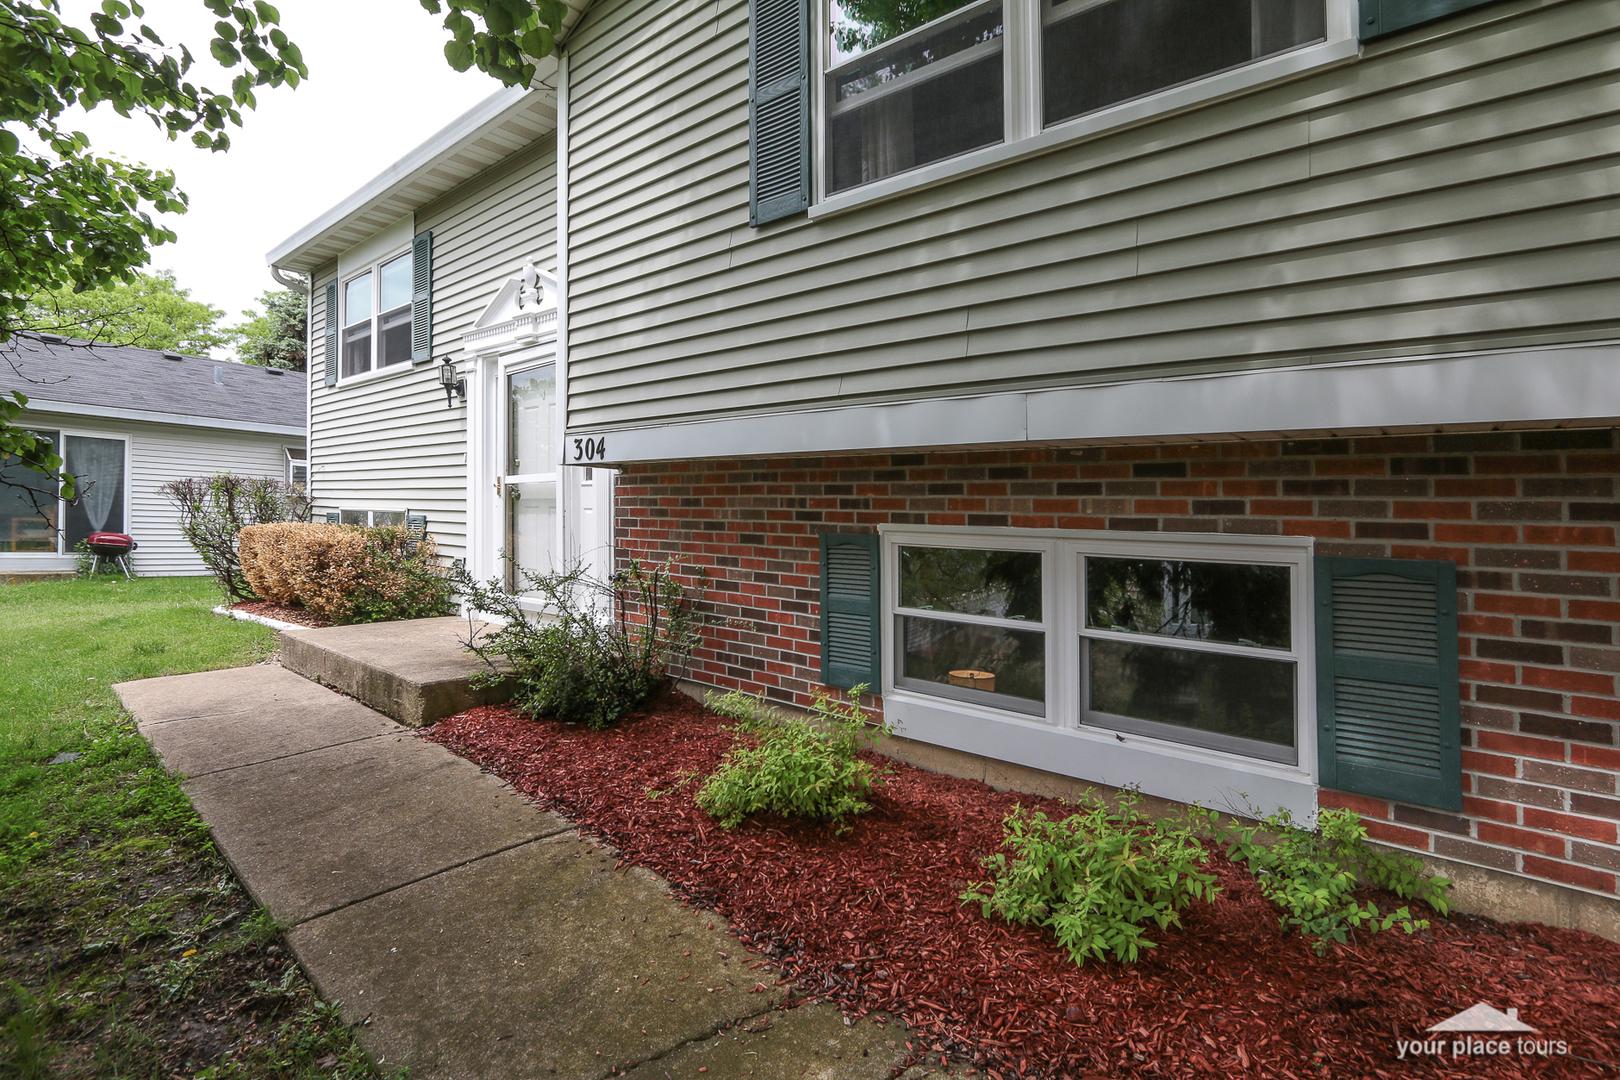 304 Jonquil, AURORA, Illinois, 60504